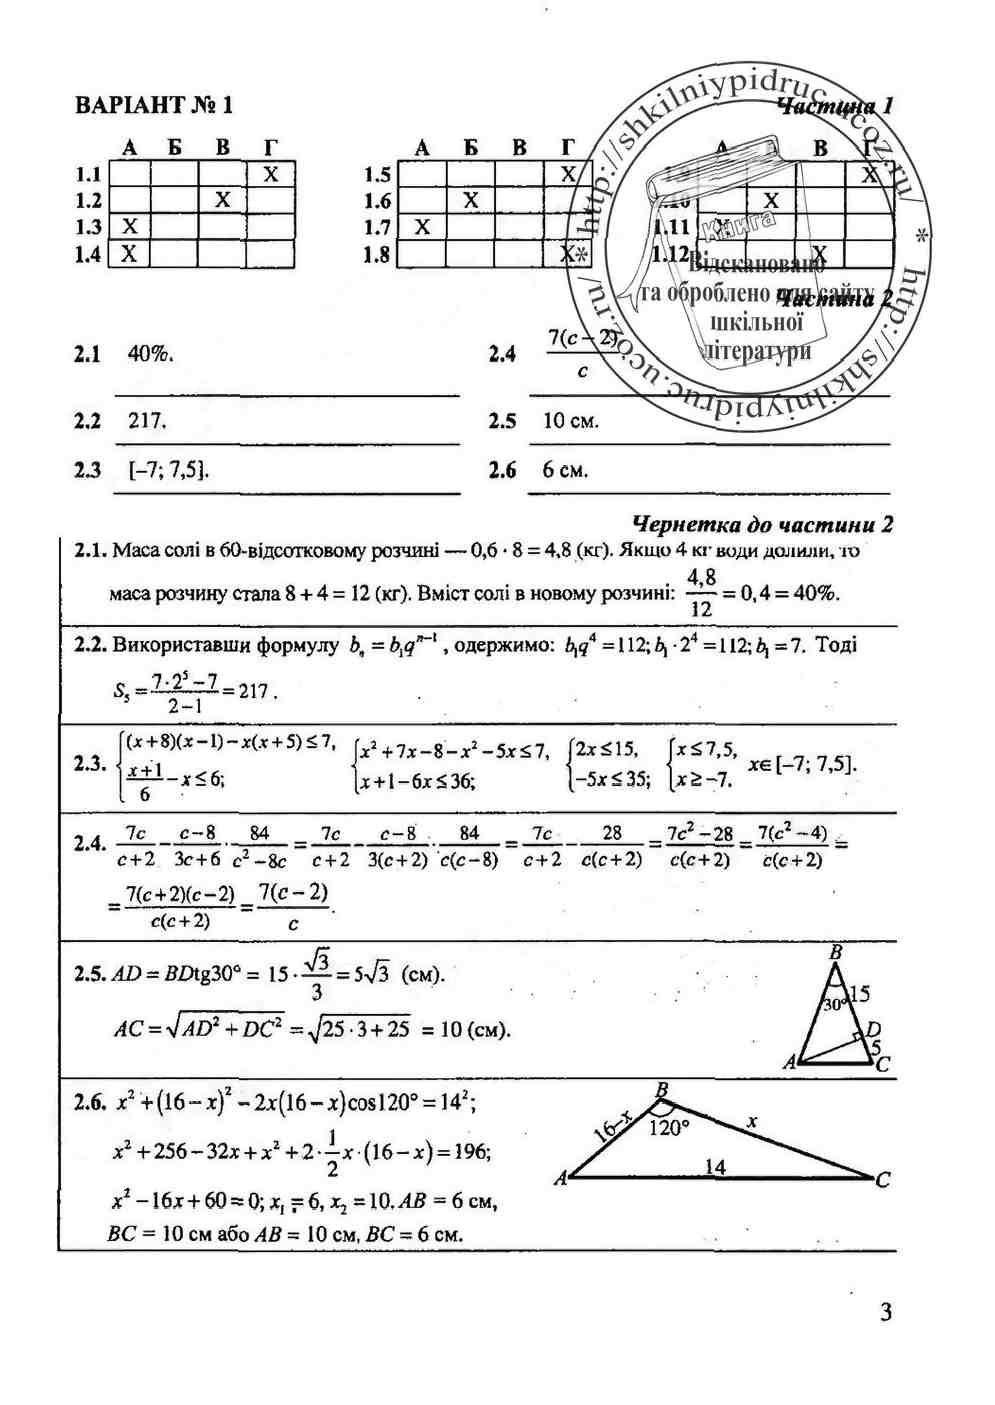 Олимпиадные задачи по химии 11 класс с решением